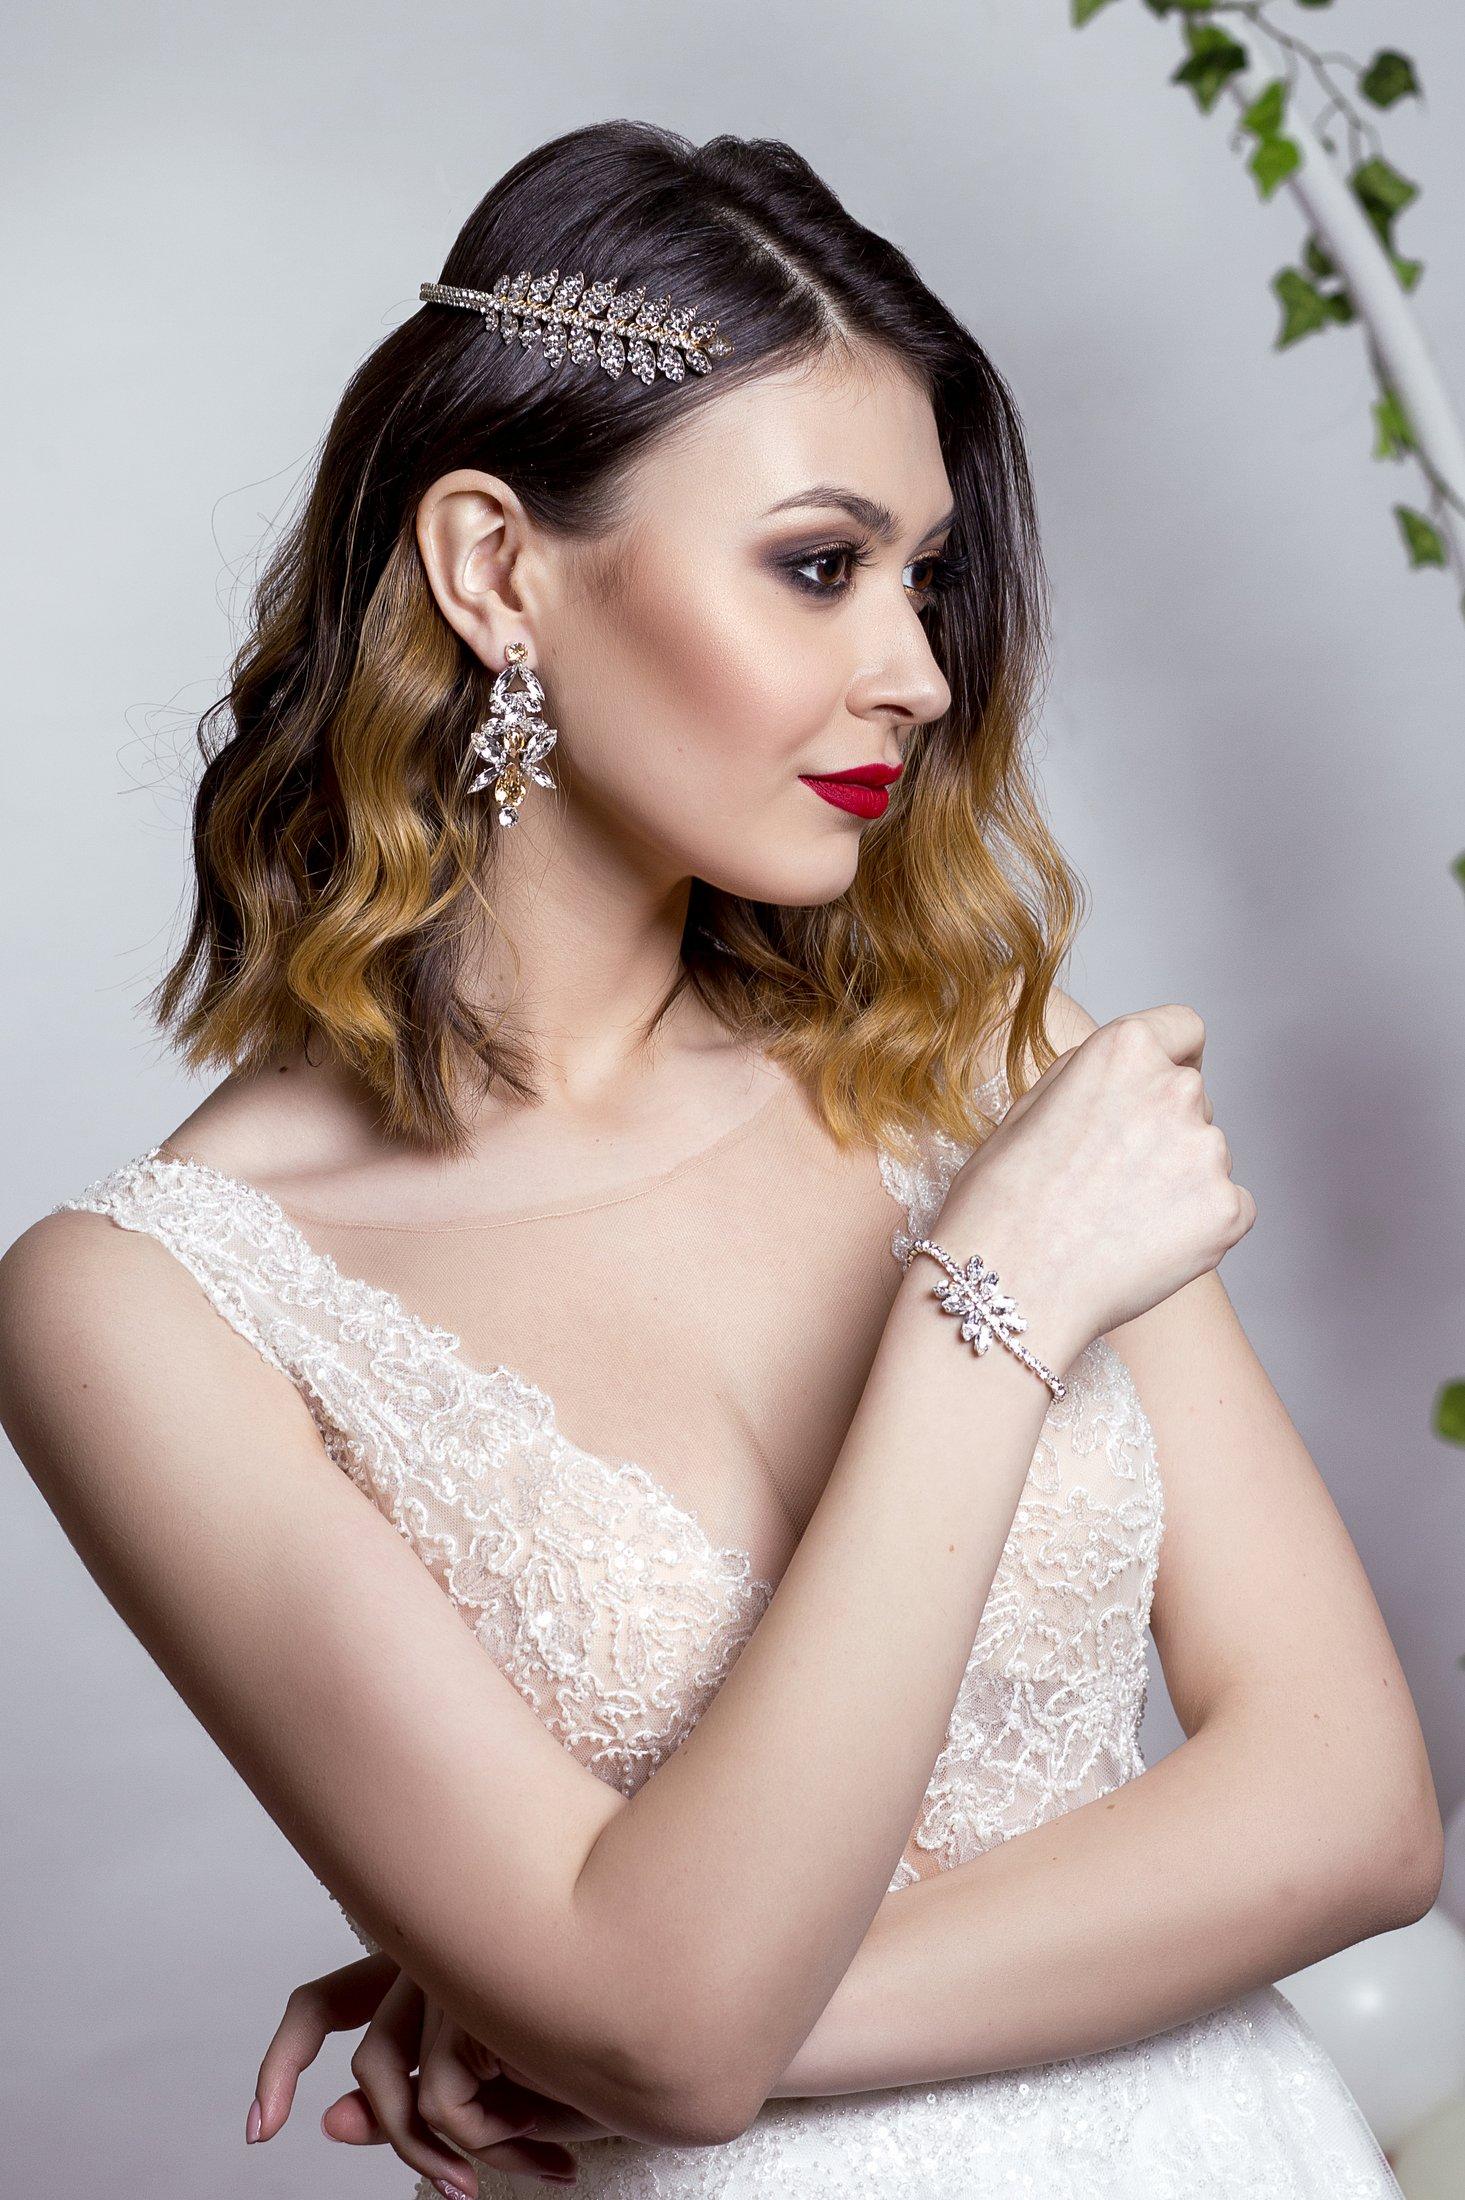 Andreea C